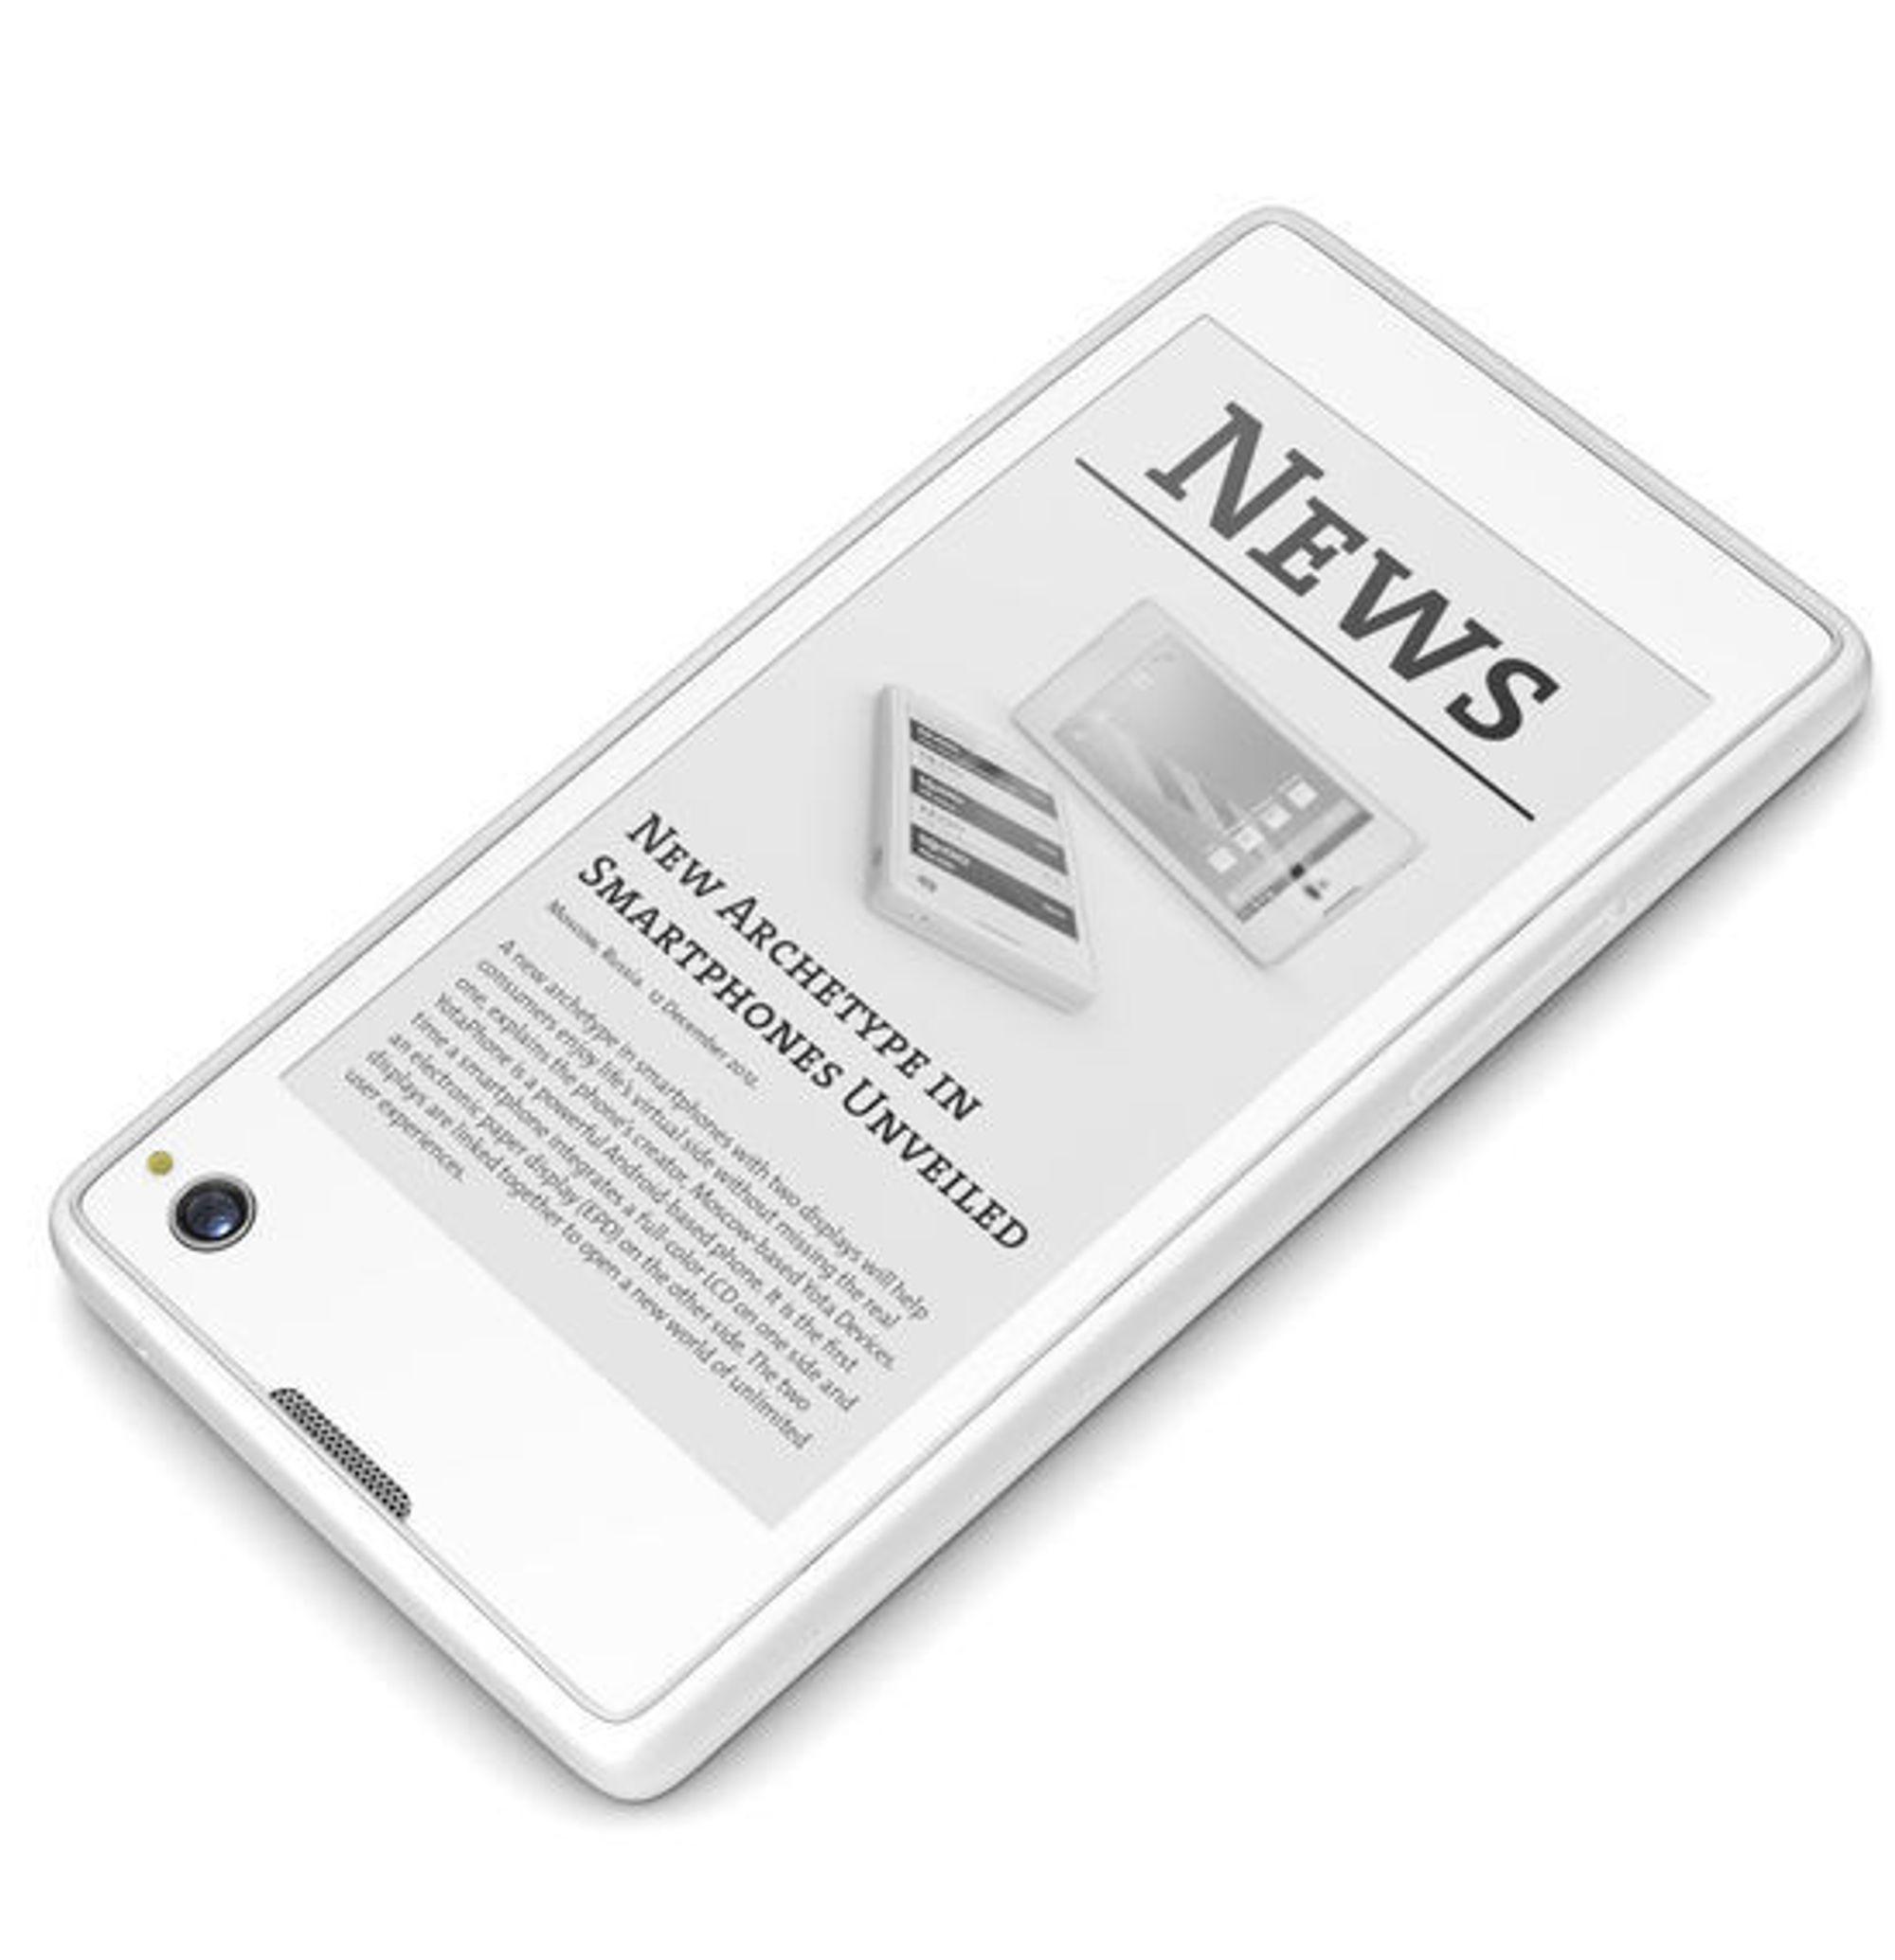 EPD-skjermen til YotaPhone skal være svært lesevennlig, i alle fall så lenge mobilen er i opplyste omgivelser.